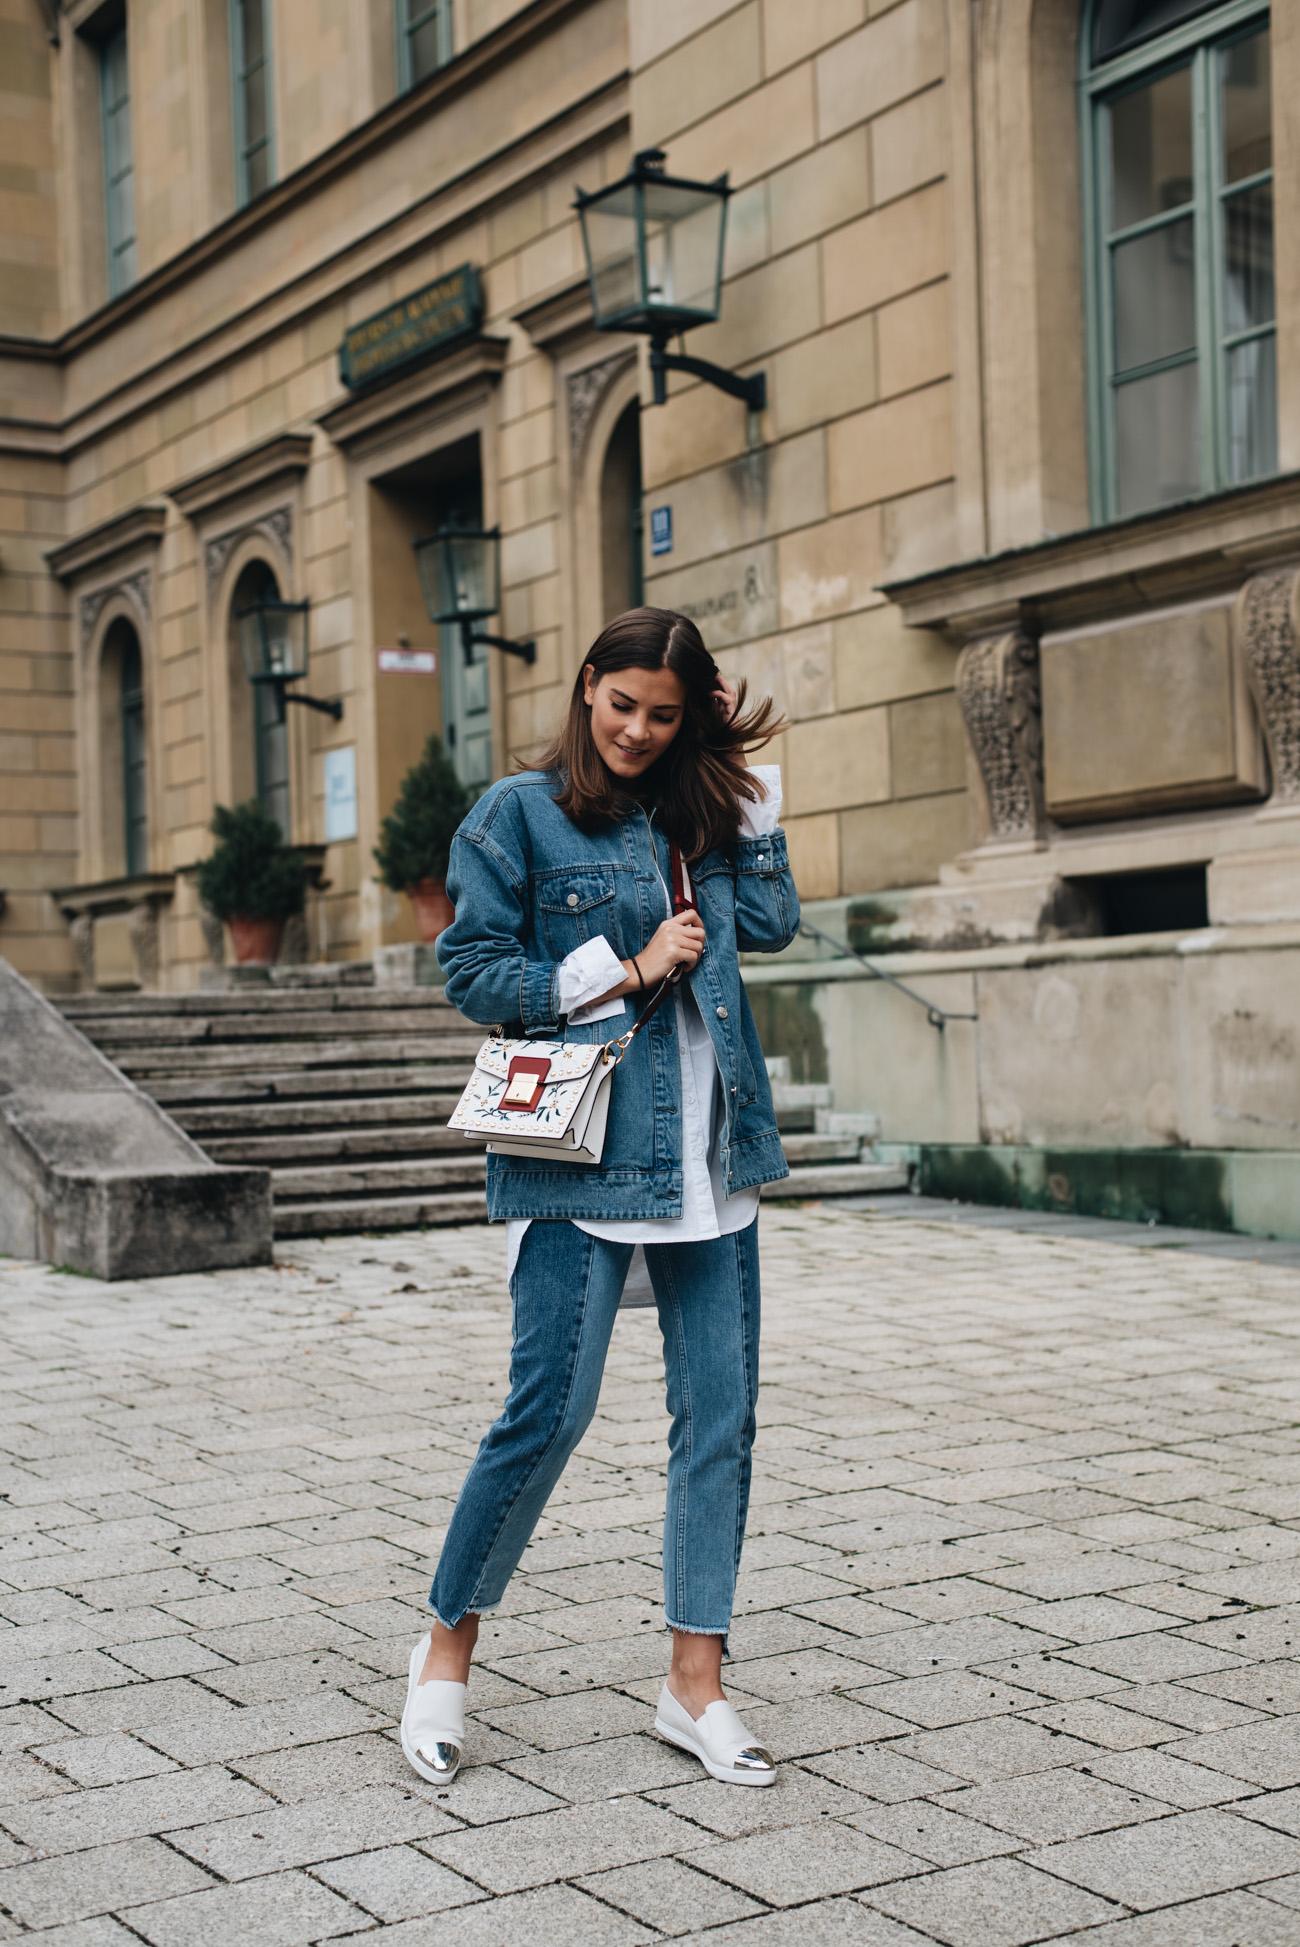 zweifarbige-jeanshose-mit-fransen-slip-ons-mit-silberner-metallkappe-bally-grimoire-small-handtasche-oversize-jeansjacke-nina-schwichtenberg-fashiioncarpet